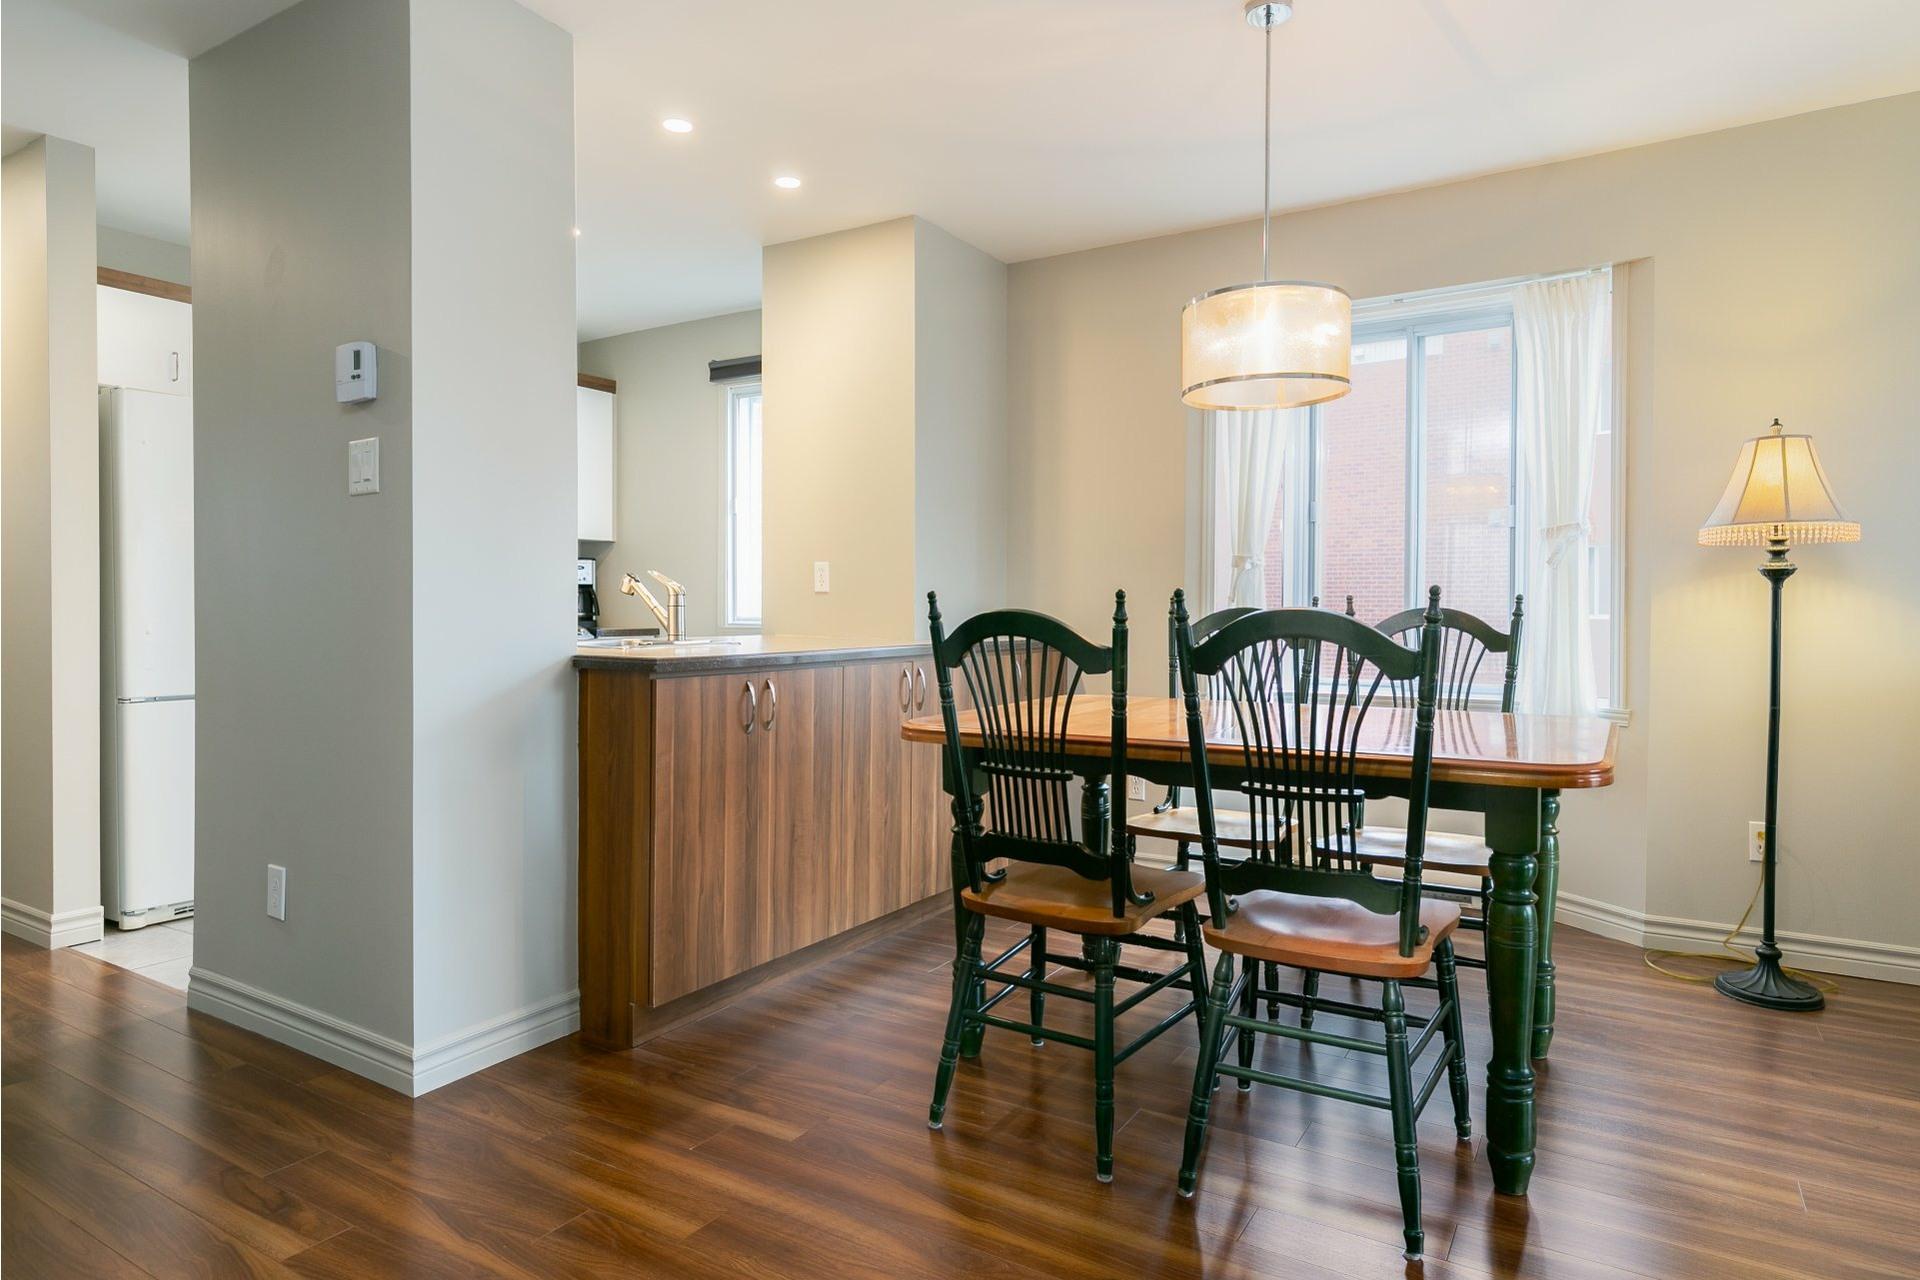 image 6 - Appartement À vendre Mont-Saint-Hilaire - 7 pièces